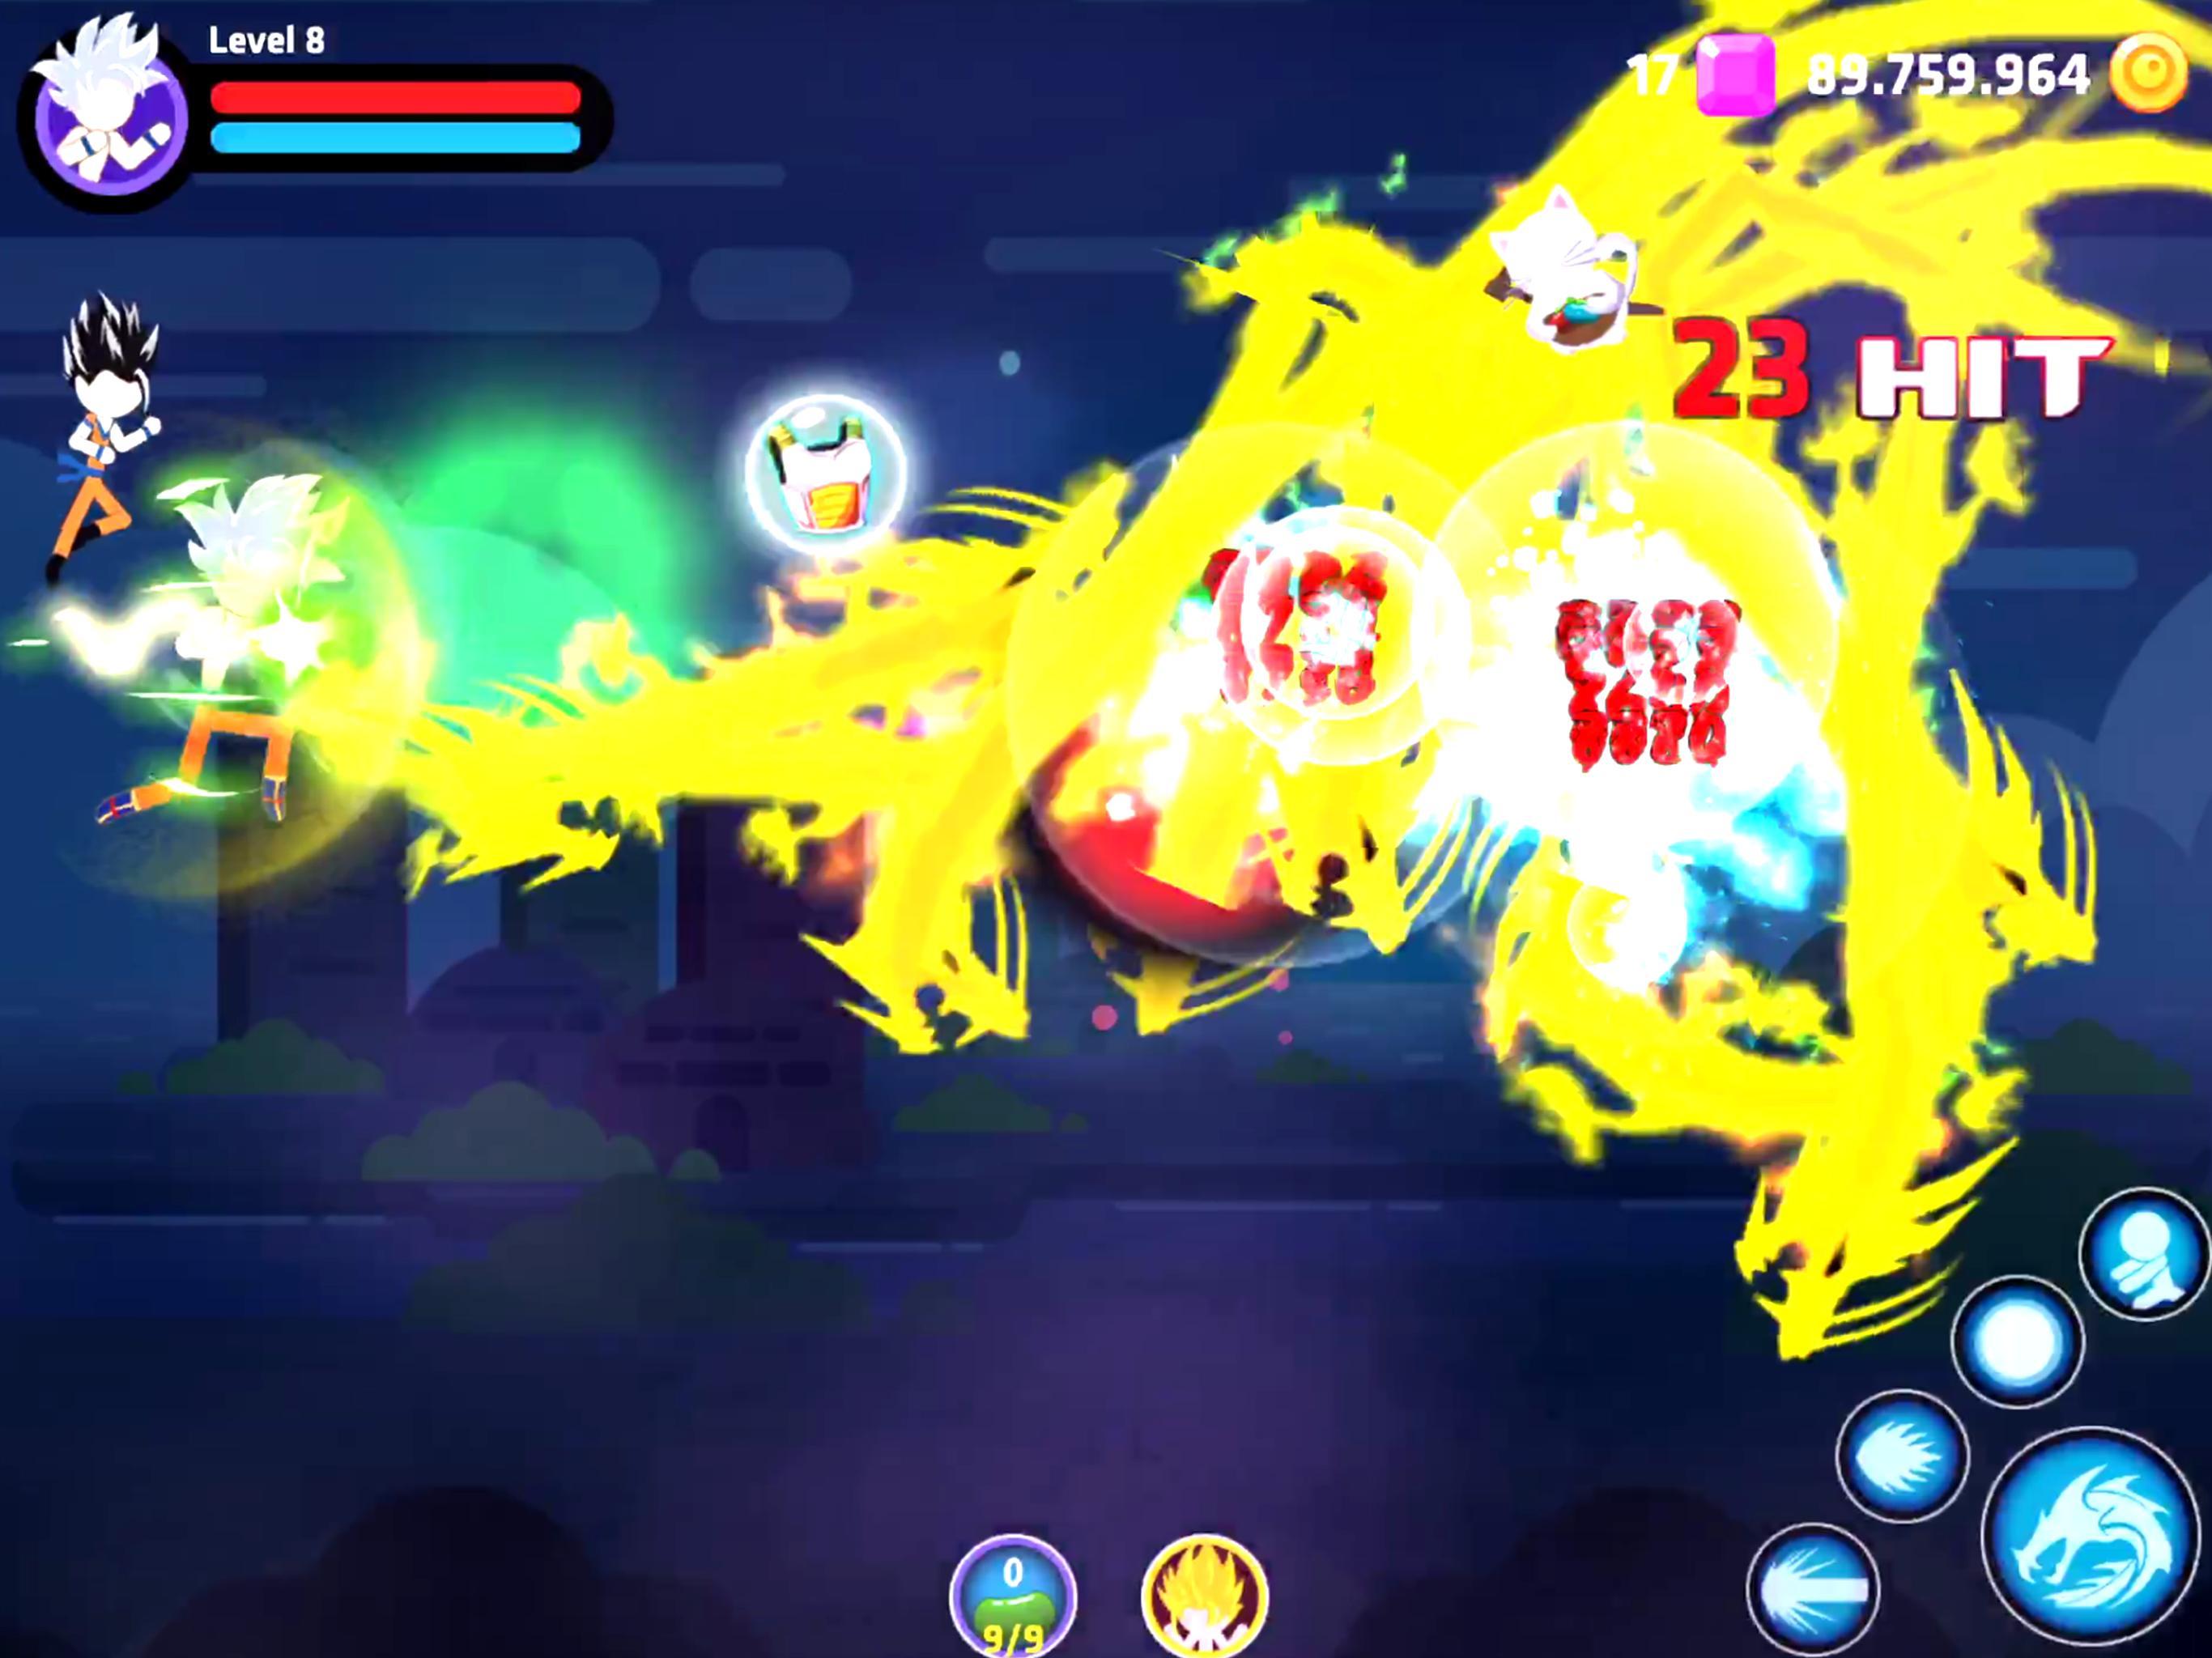 Stick Super Fight 1.4 Screenshot 24